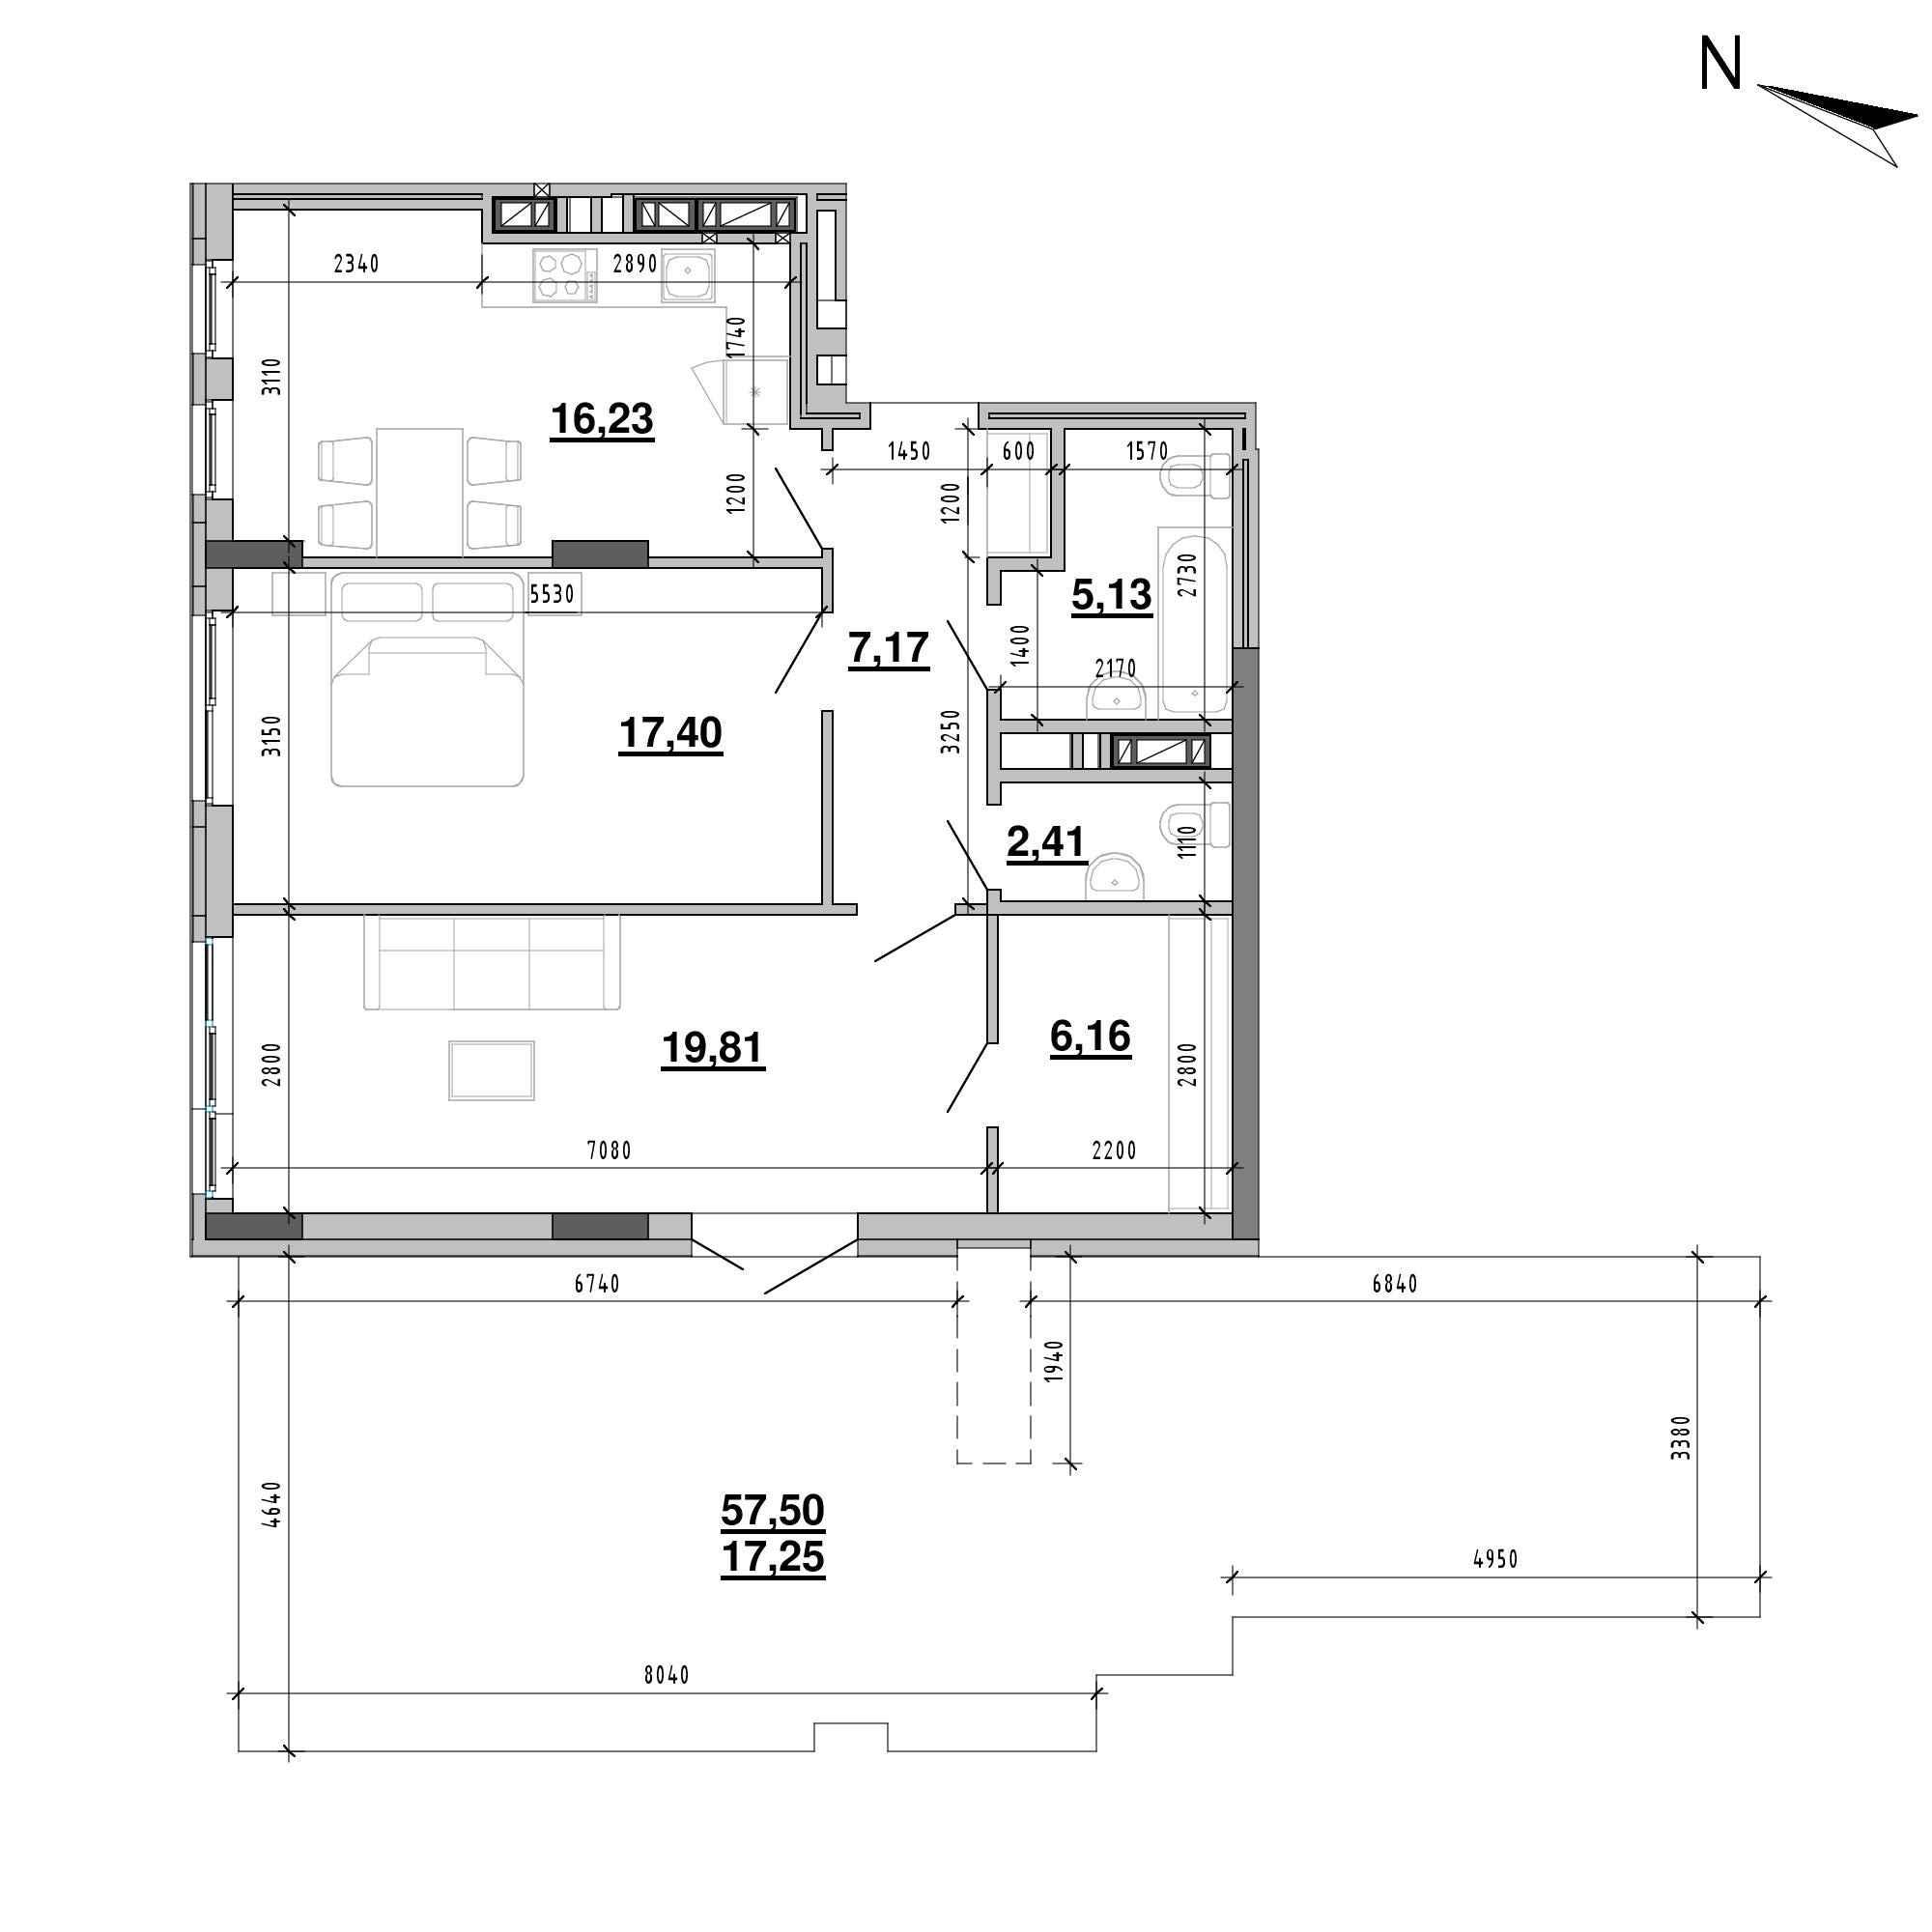 ЖК Підзамче. Новий Форт: планування 2-кімнатної квартири, №30а, 91.56 м<sup>2</sup>